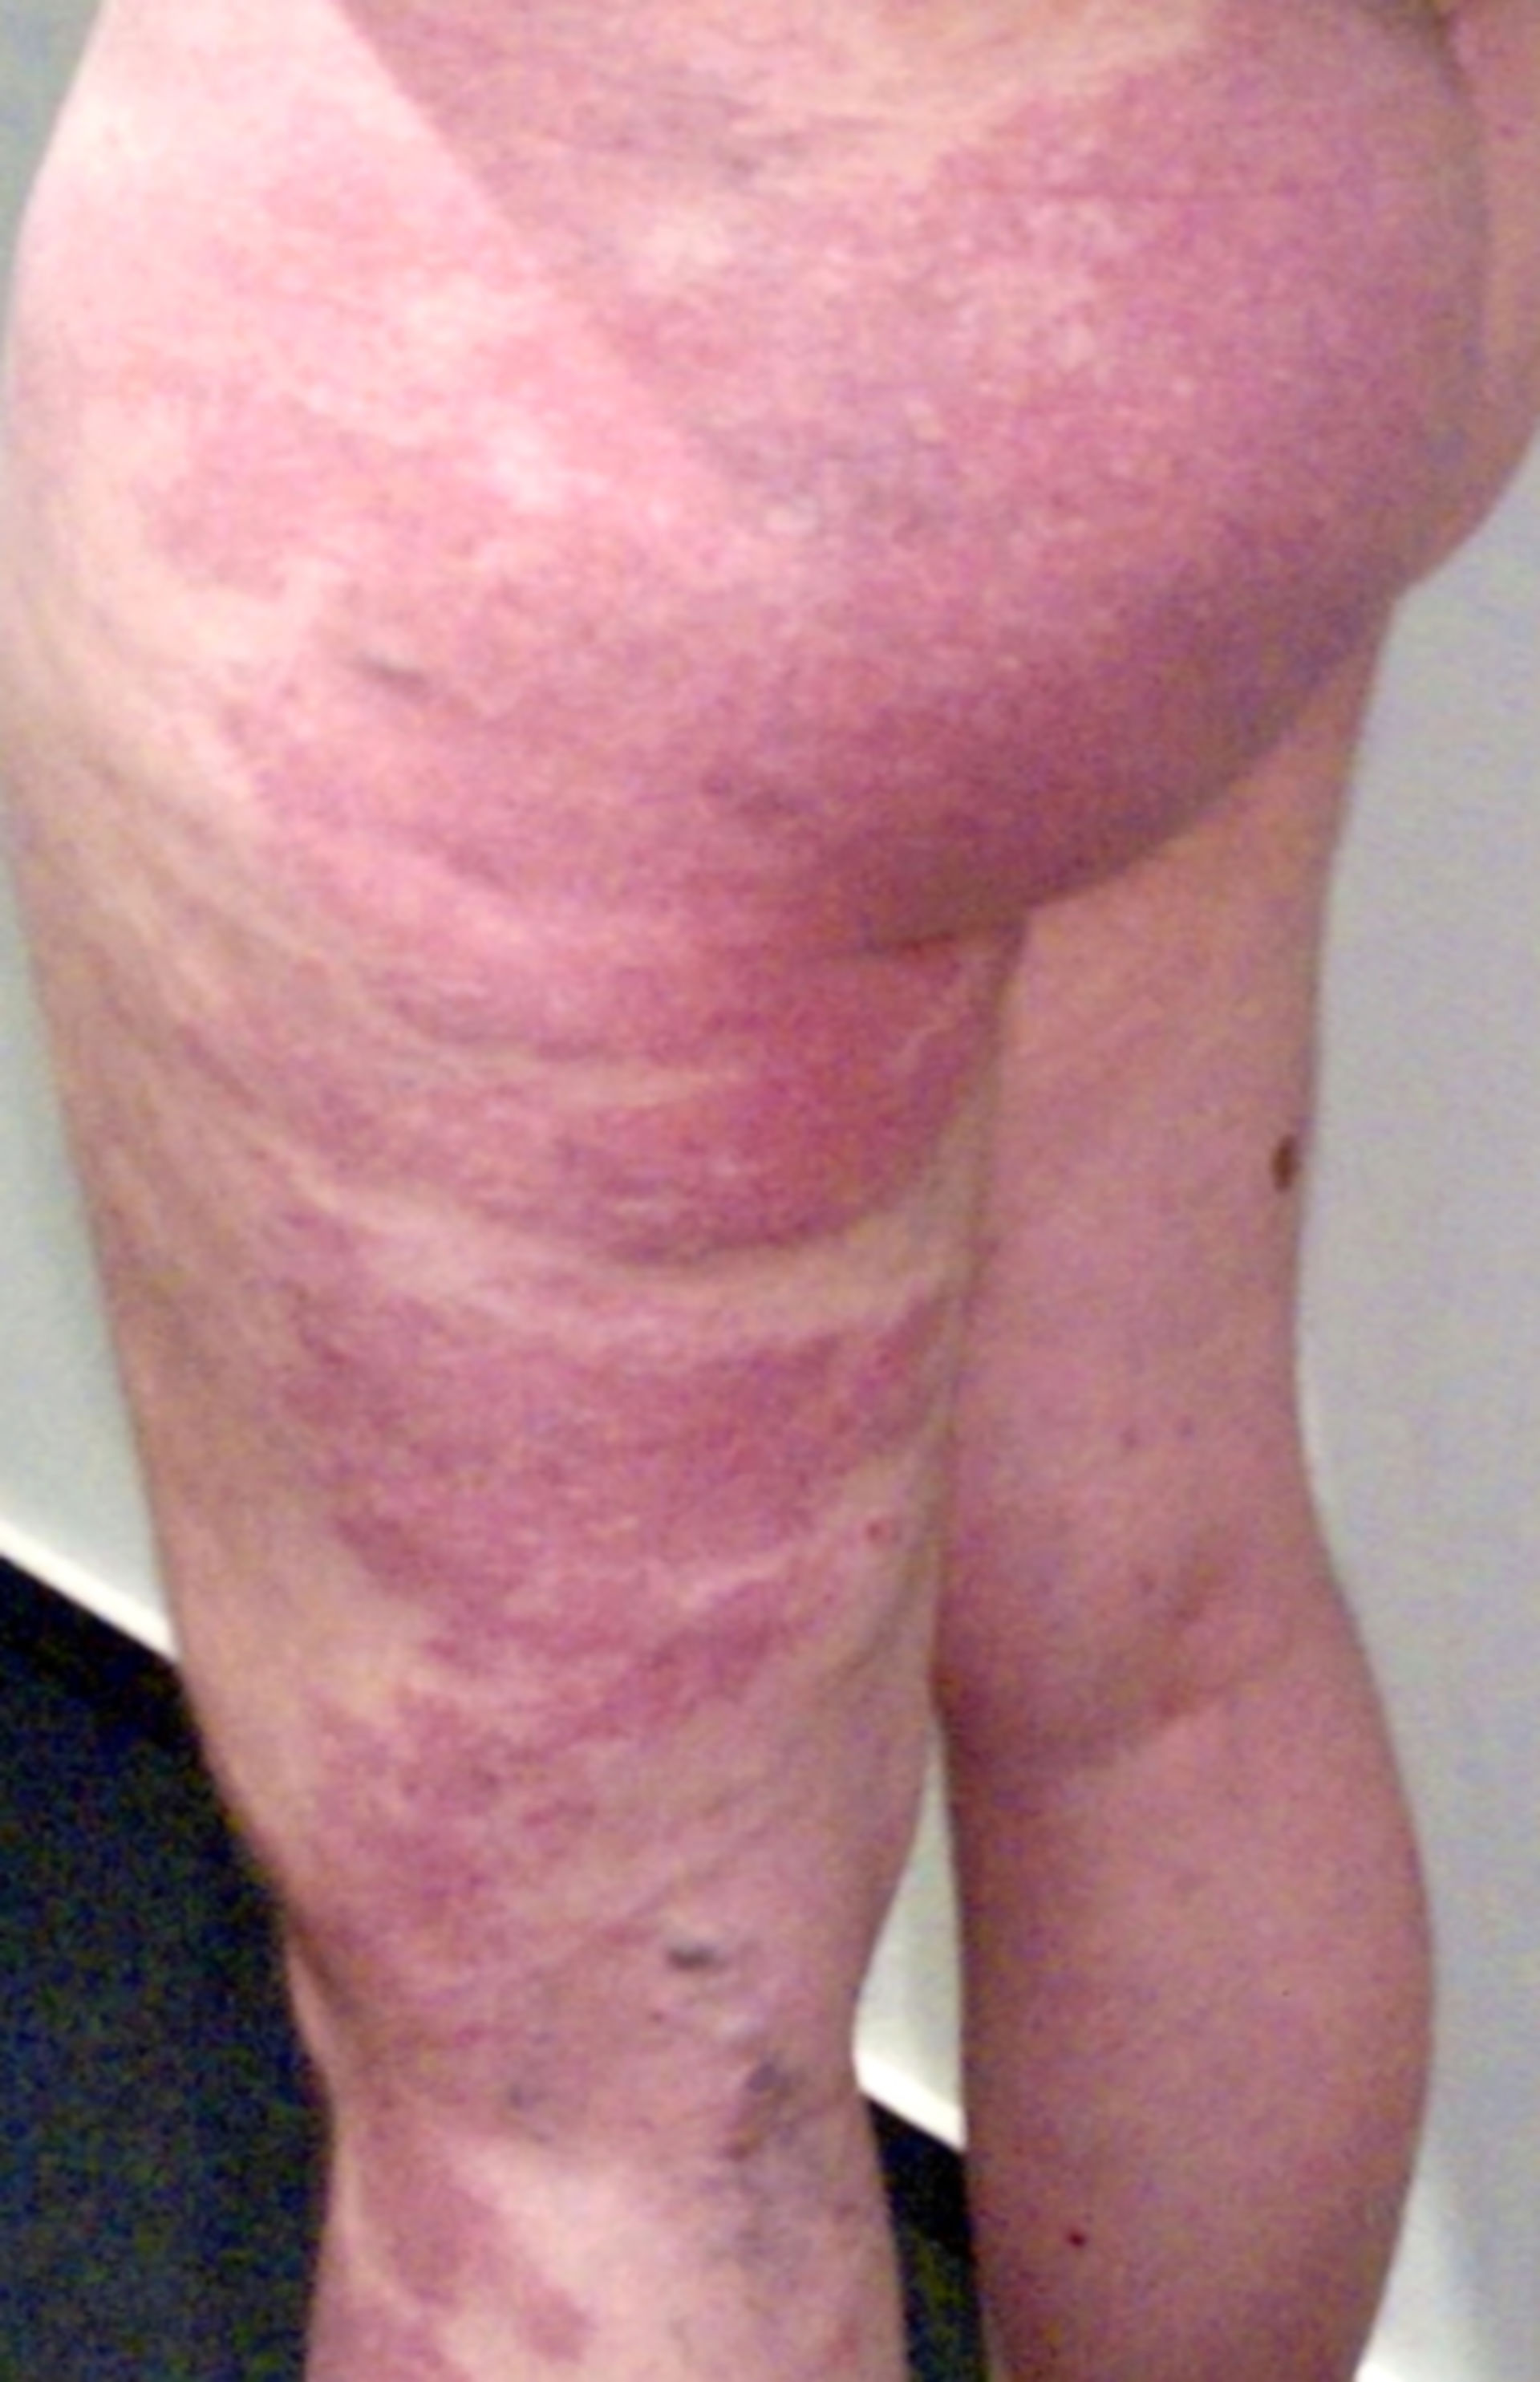 Klippel-Trénaunay syndrome